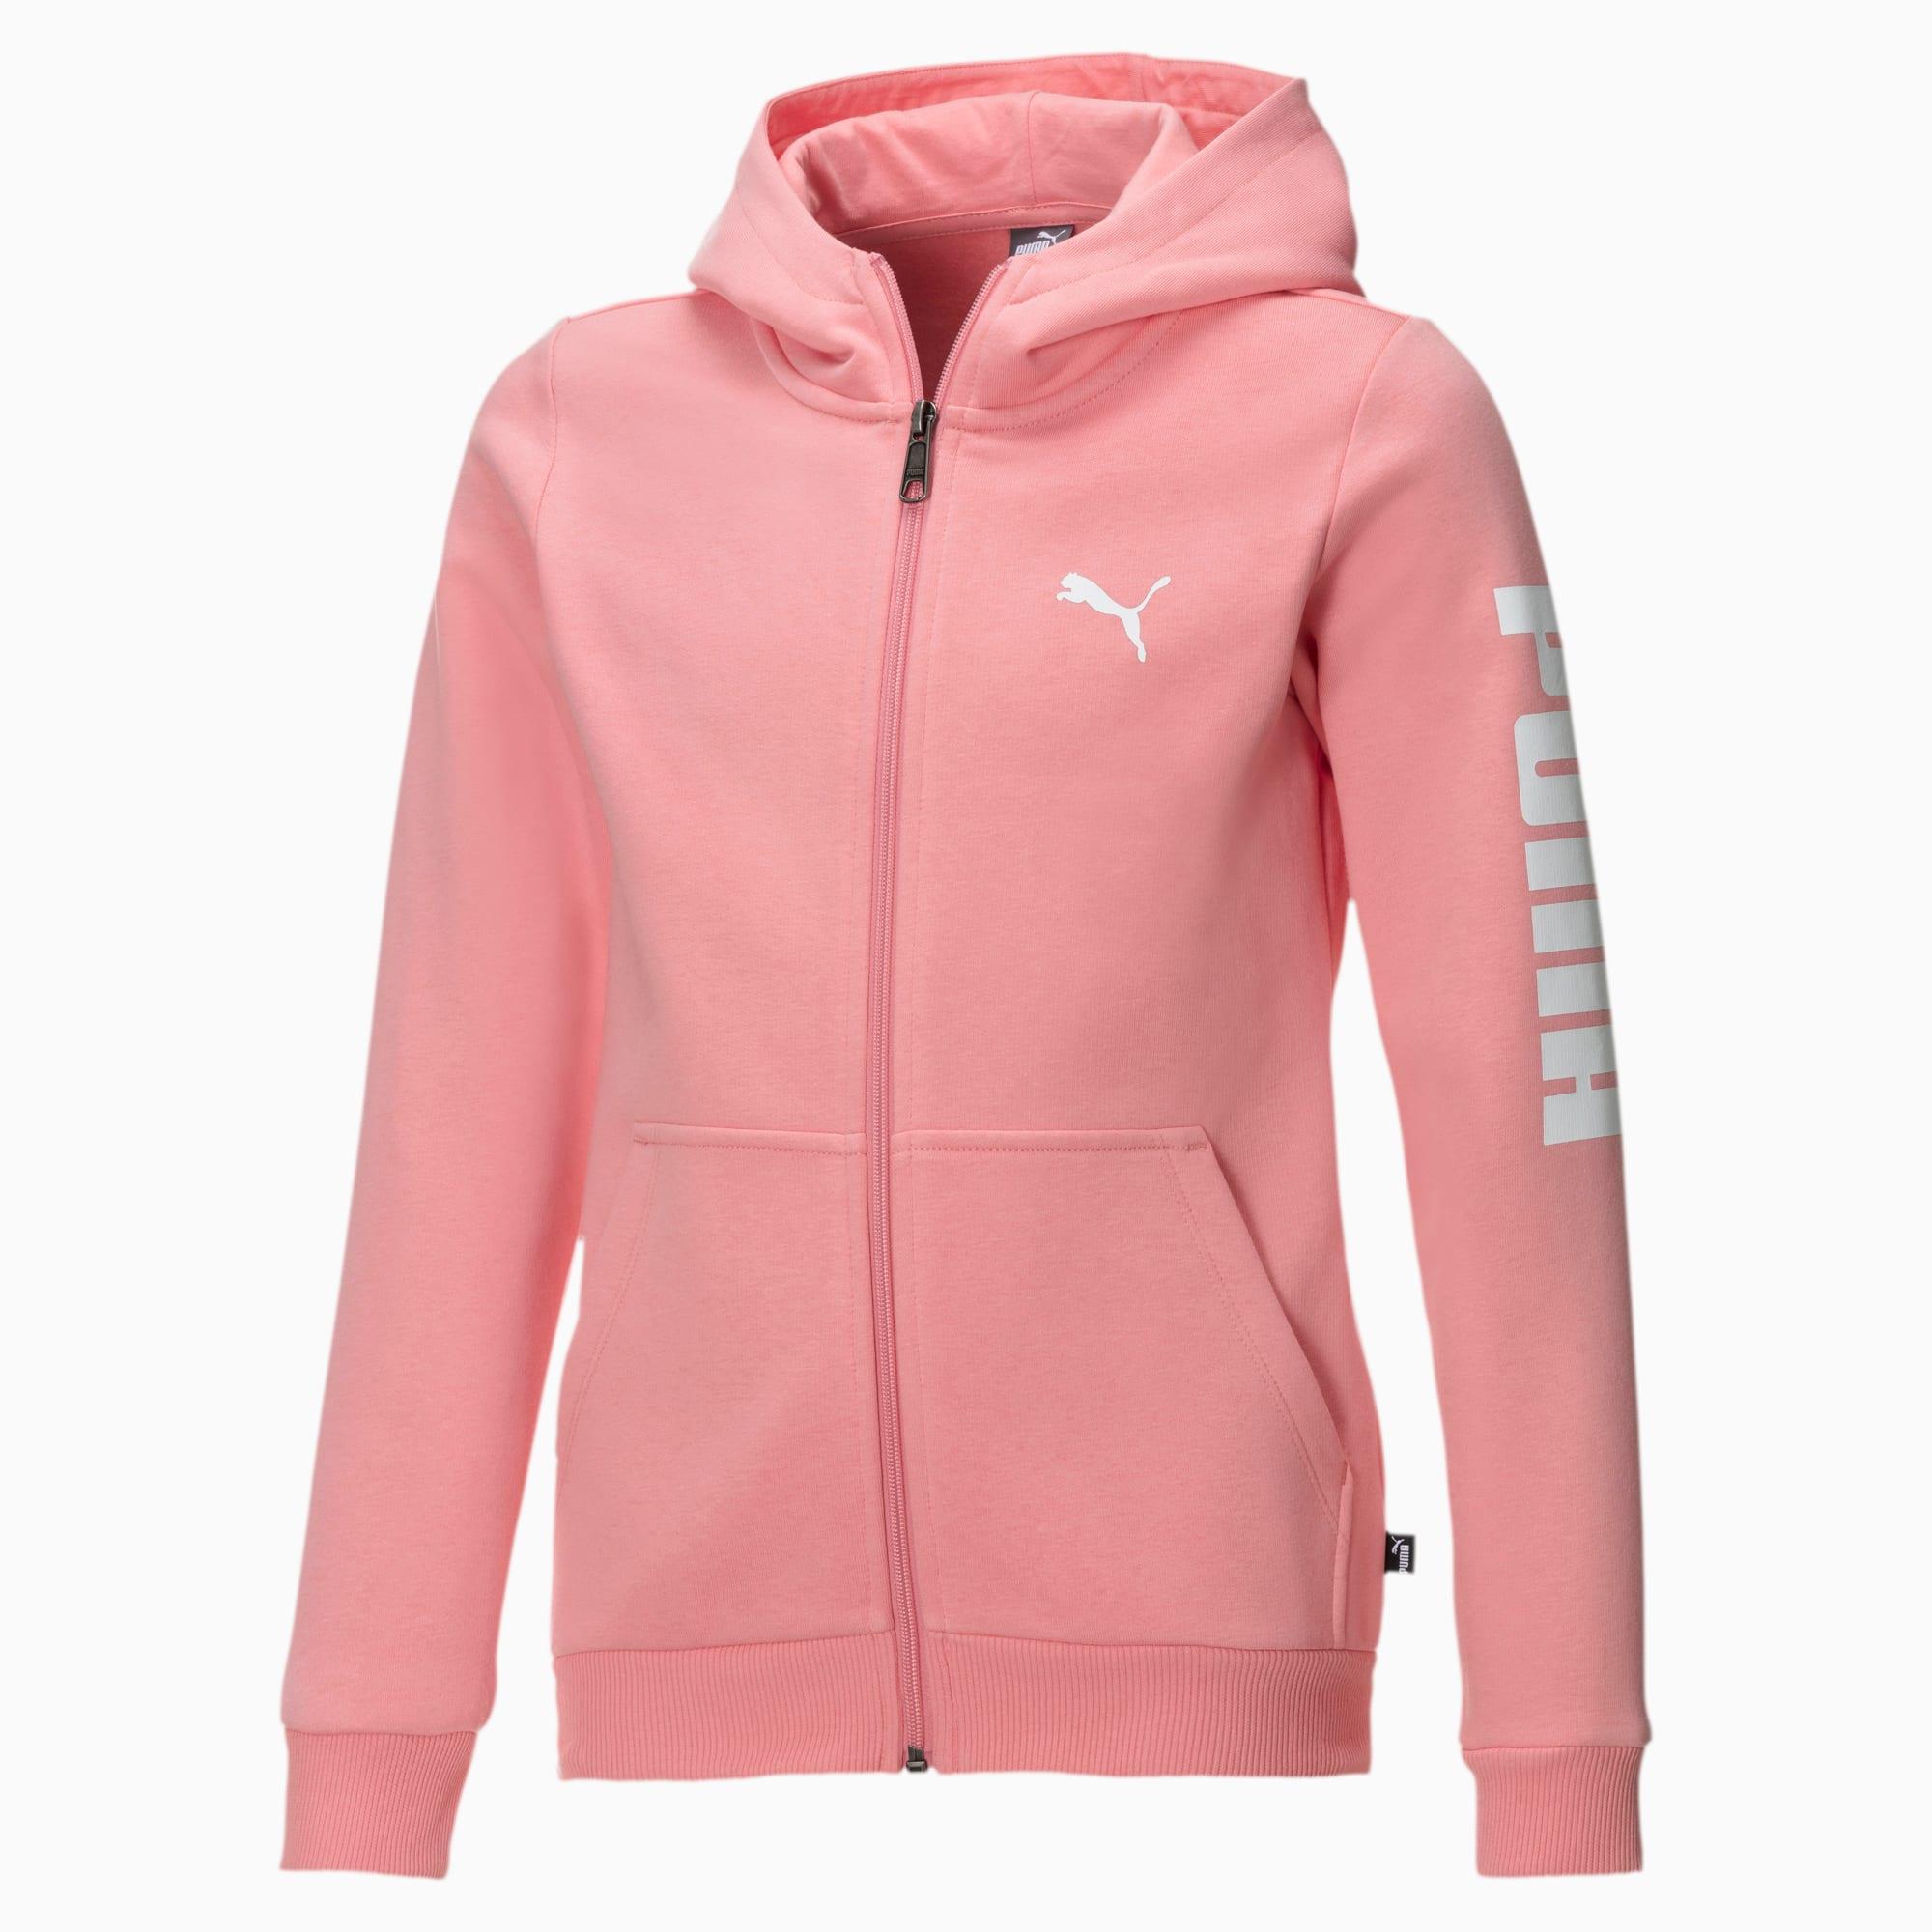 Blouson en sweat Fleece à capuche pour fille, Blanc/, Taille 110, Vêtements - PUMA - Modalova